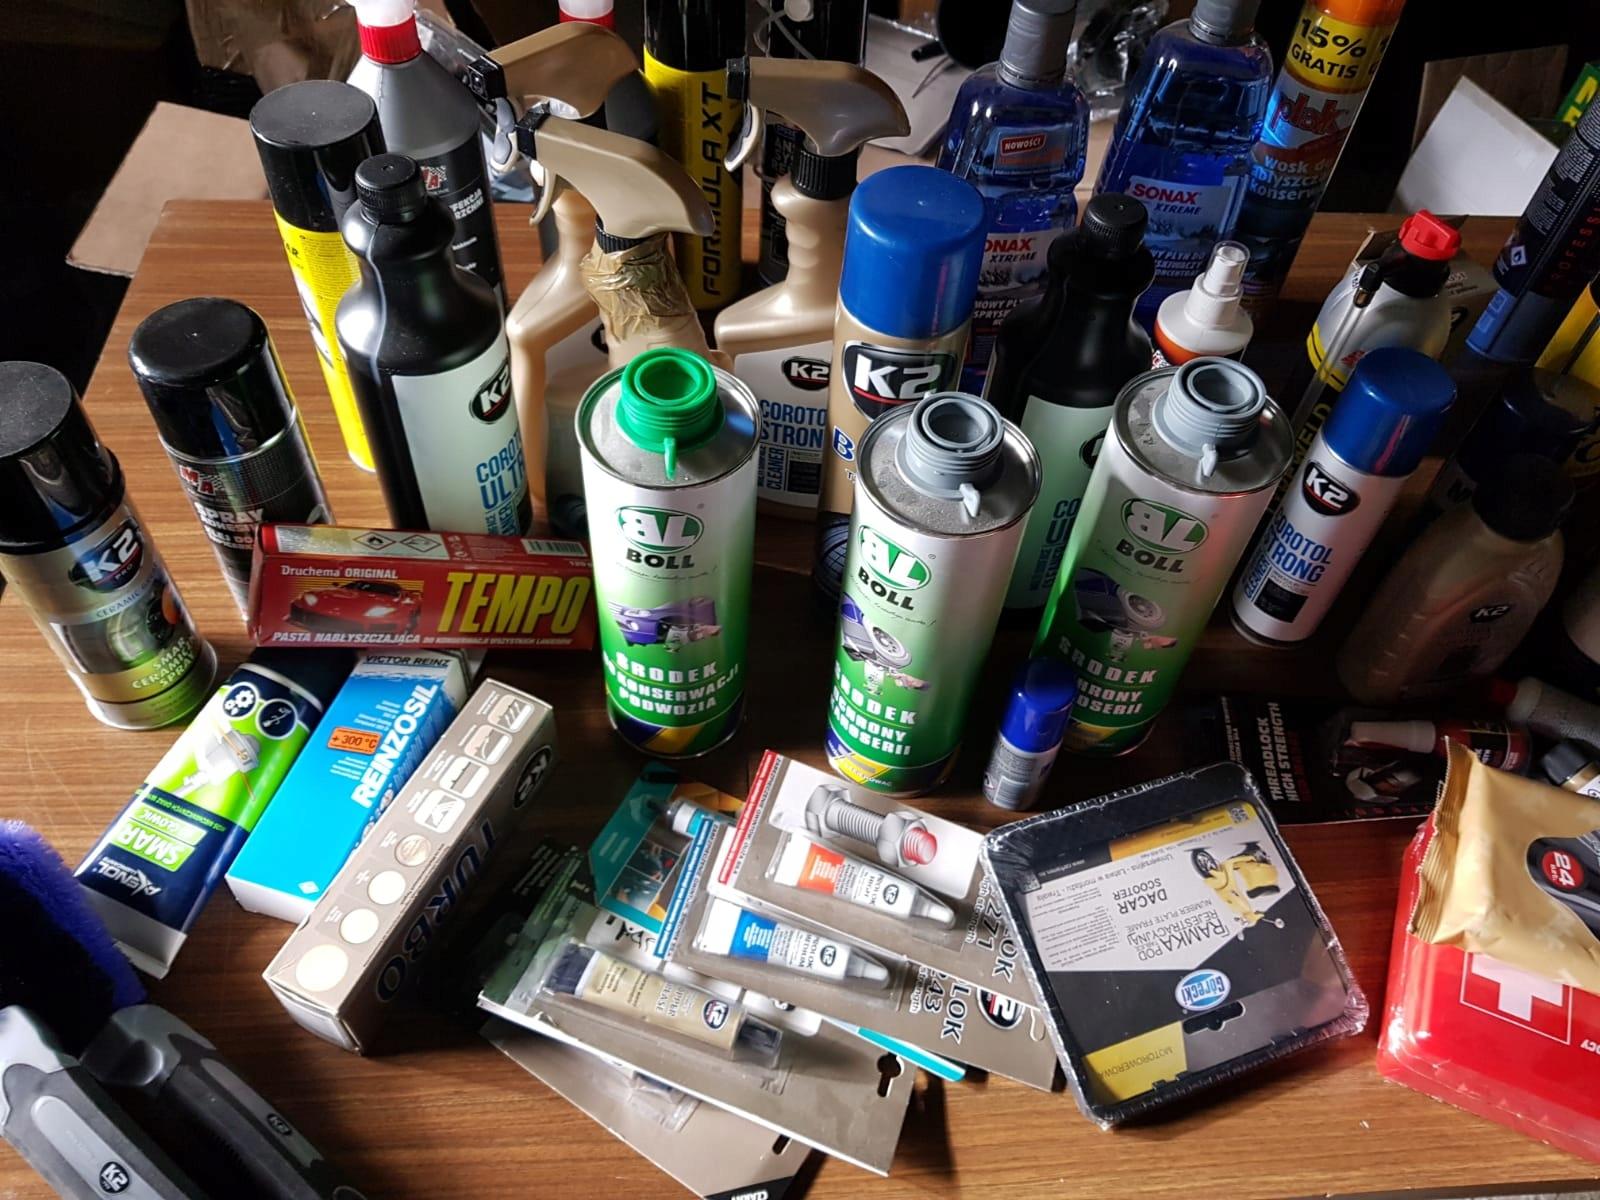 chemia, kosmetyki samochodowe hurt / wyprzedaż